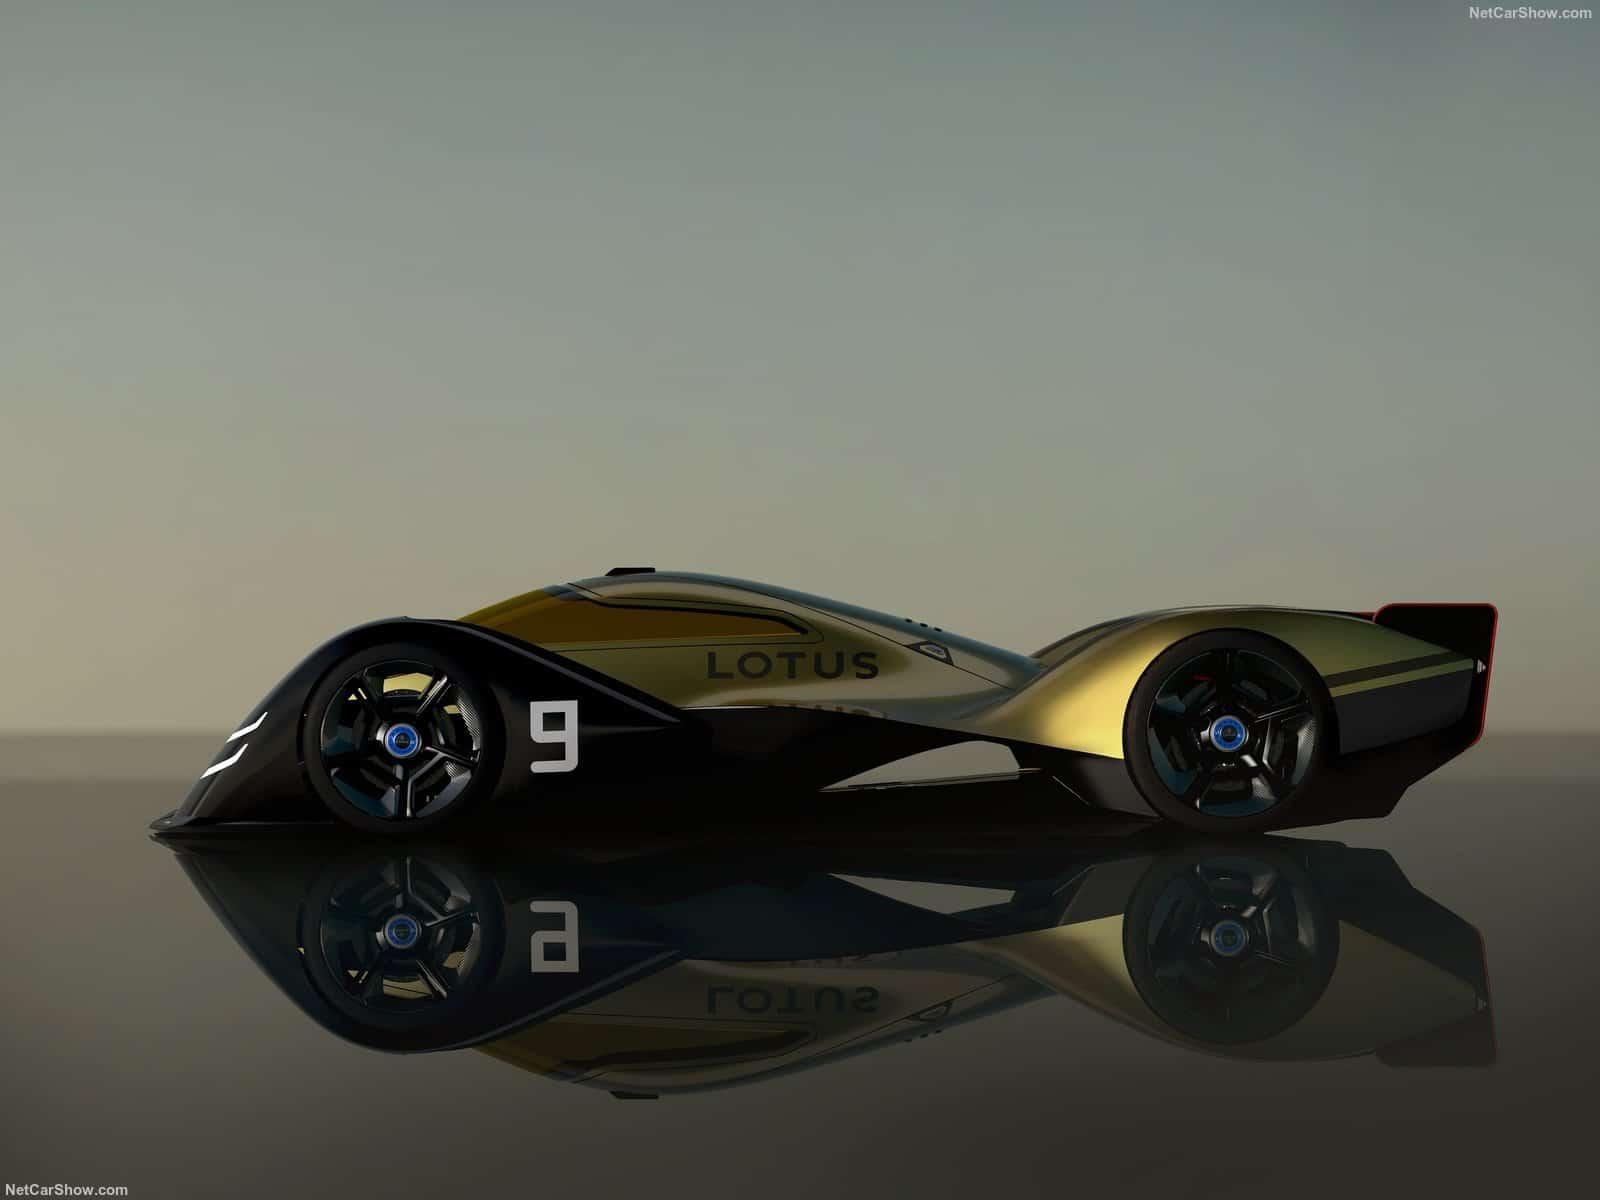 Vista laterale della Lotus E-9R. Si può notare il design simile ad altre auto da corsa inglesi, come Bentley Speed 8